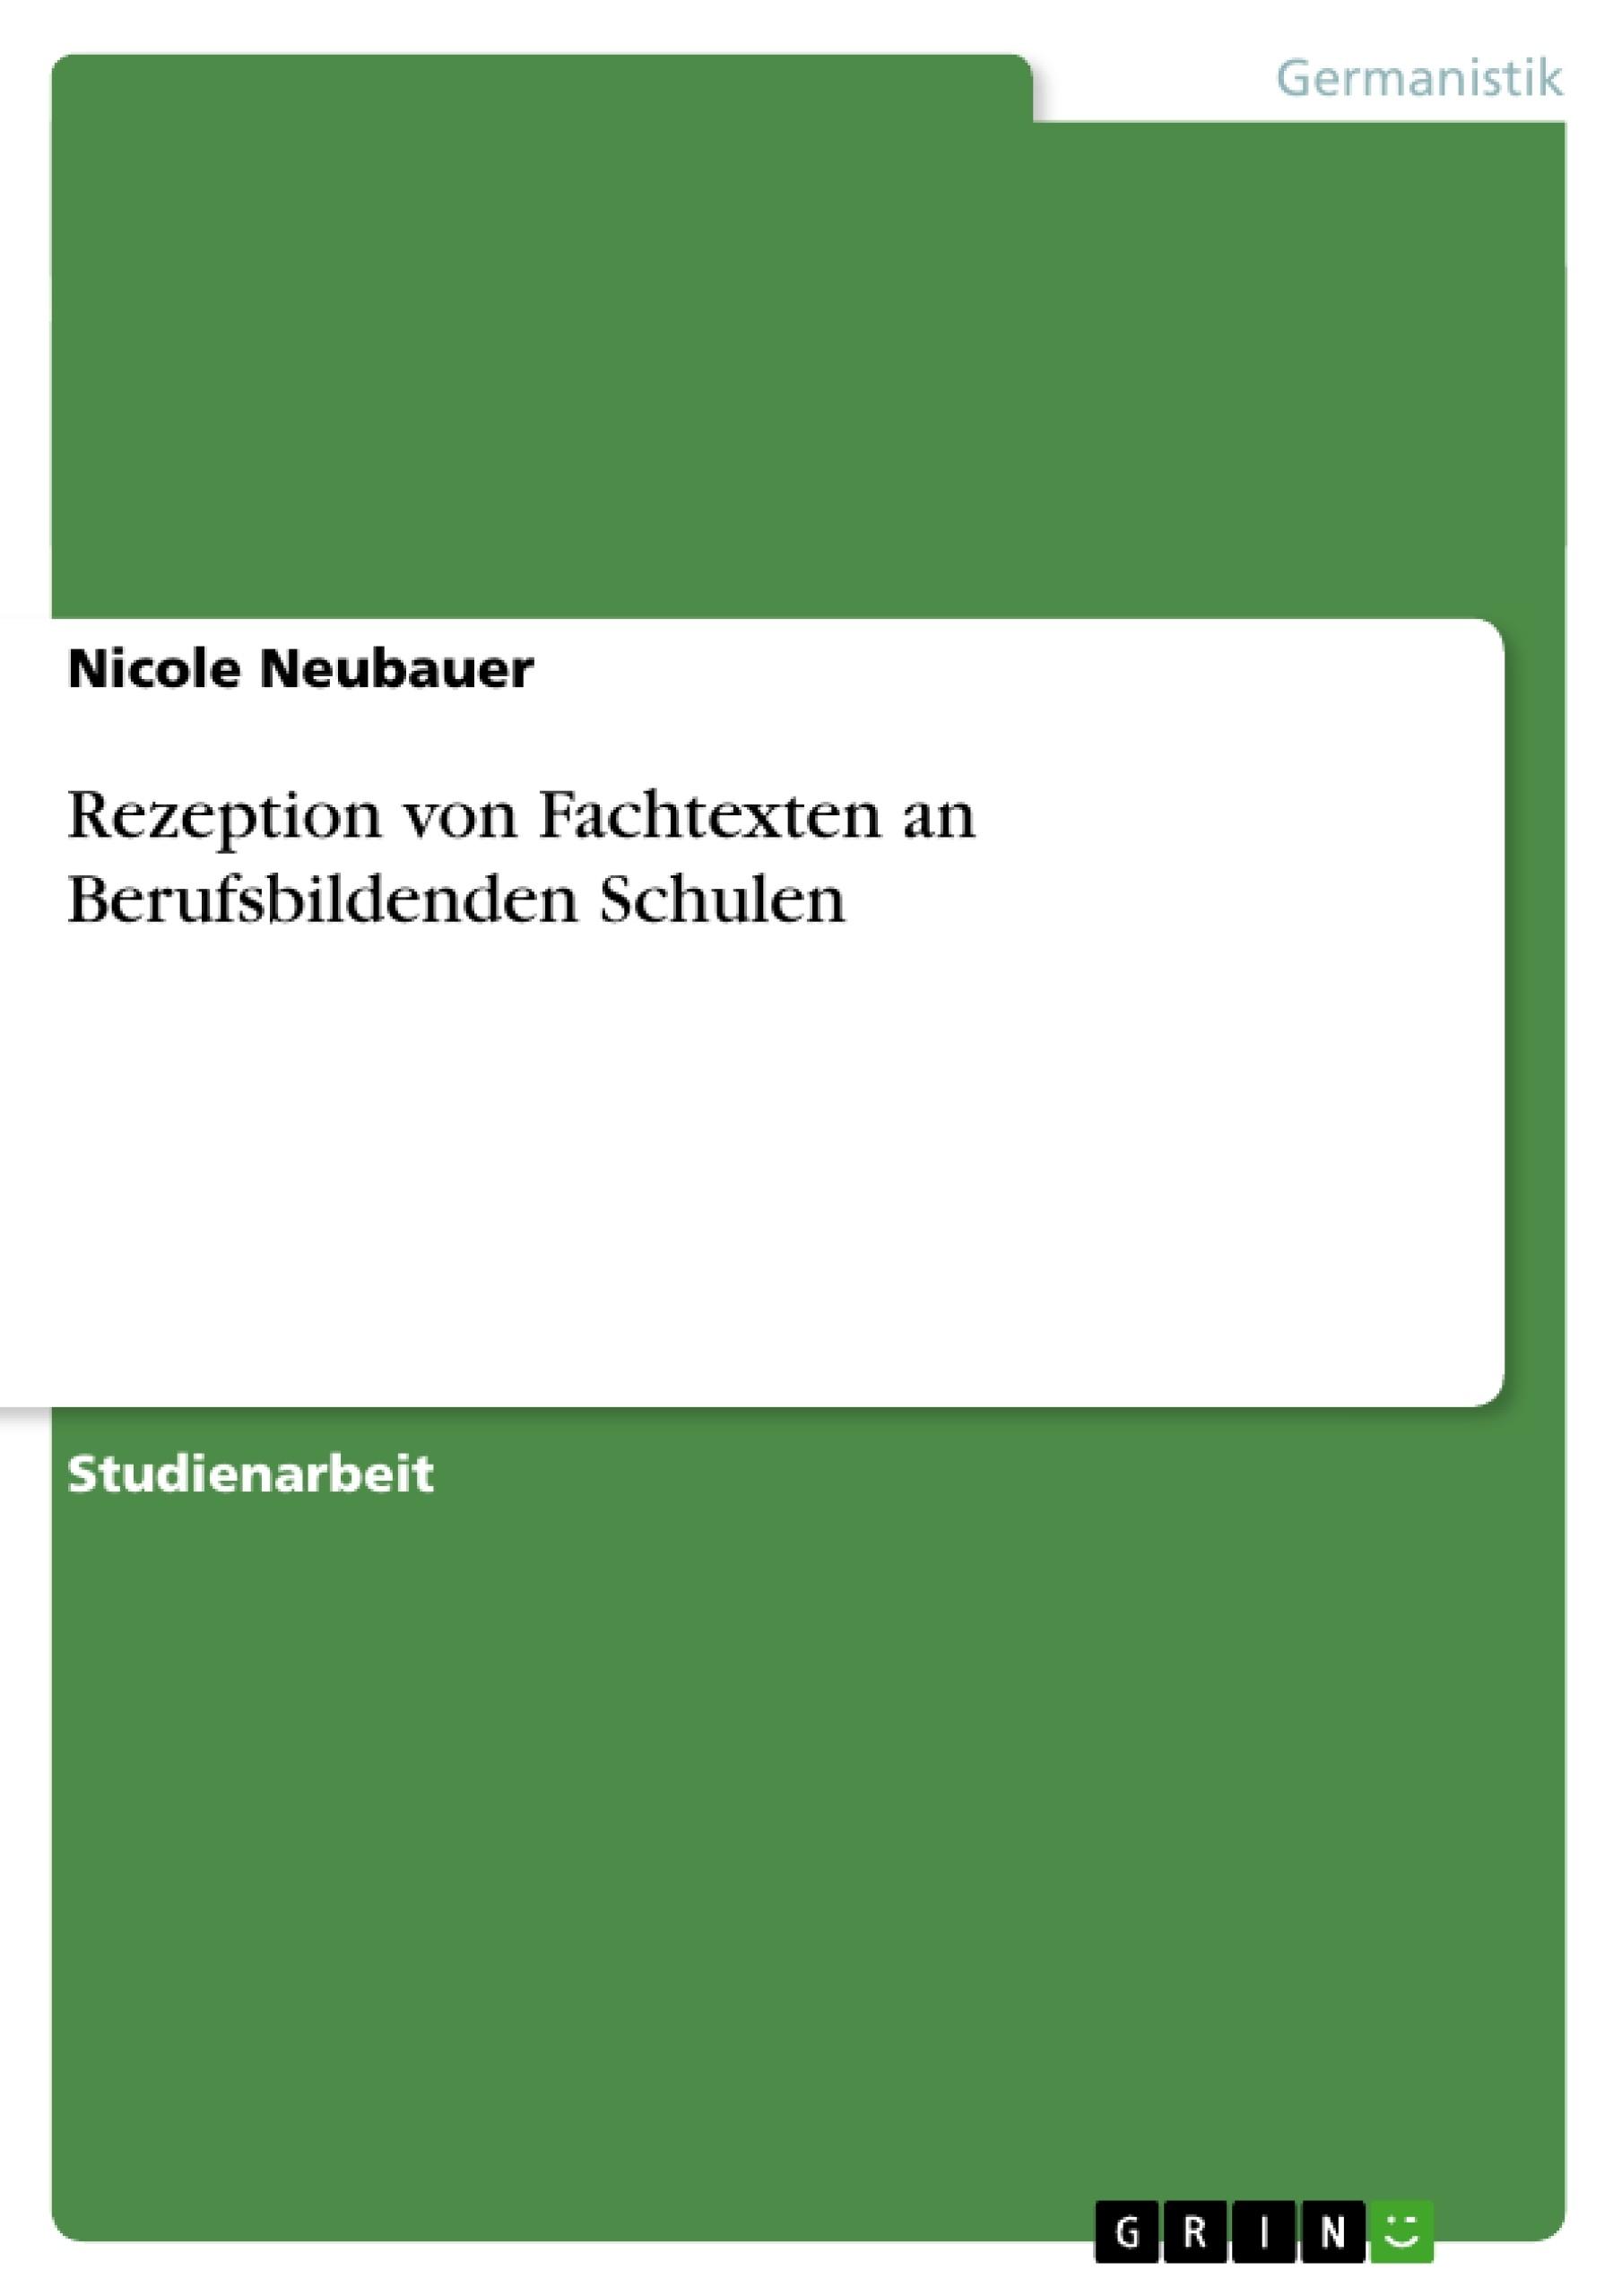 Titel: Rezeption von Fachtexten an Berufsbildenden Schulen